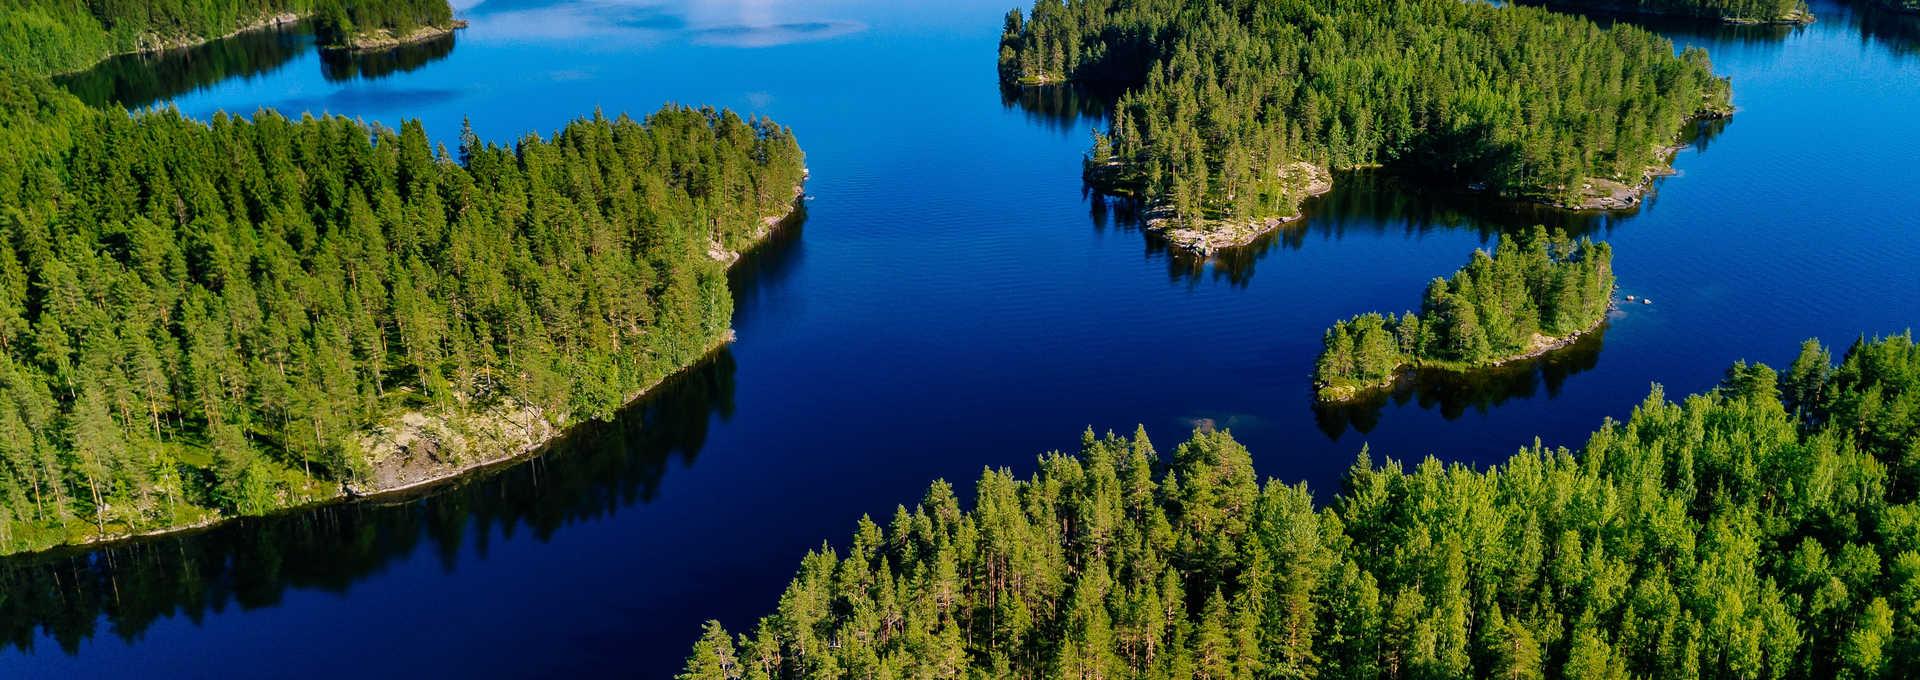 Vue aérienne sur les îles de Finlande